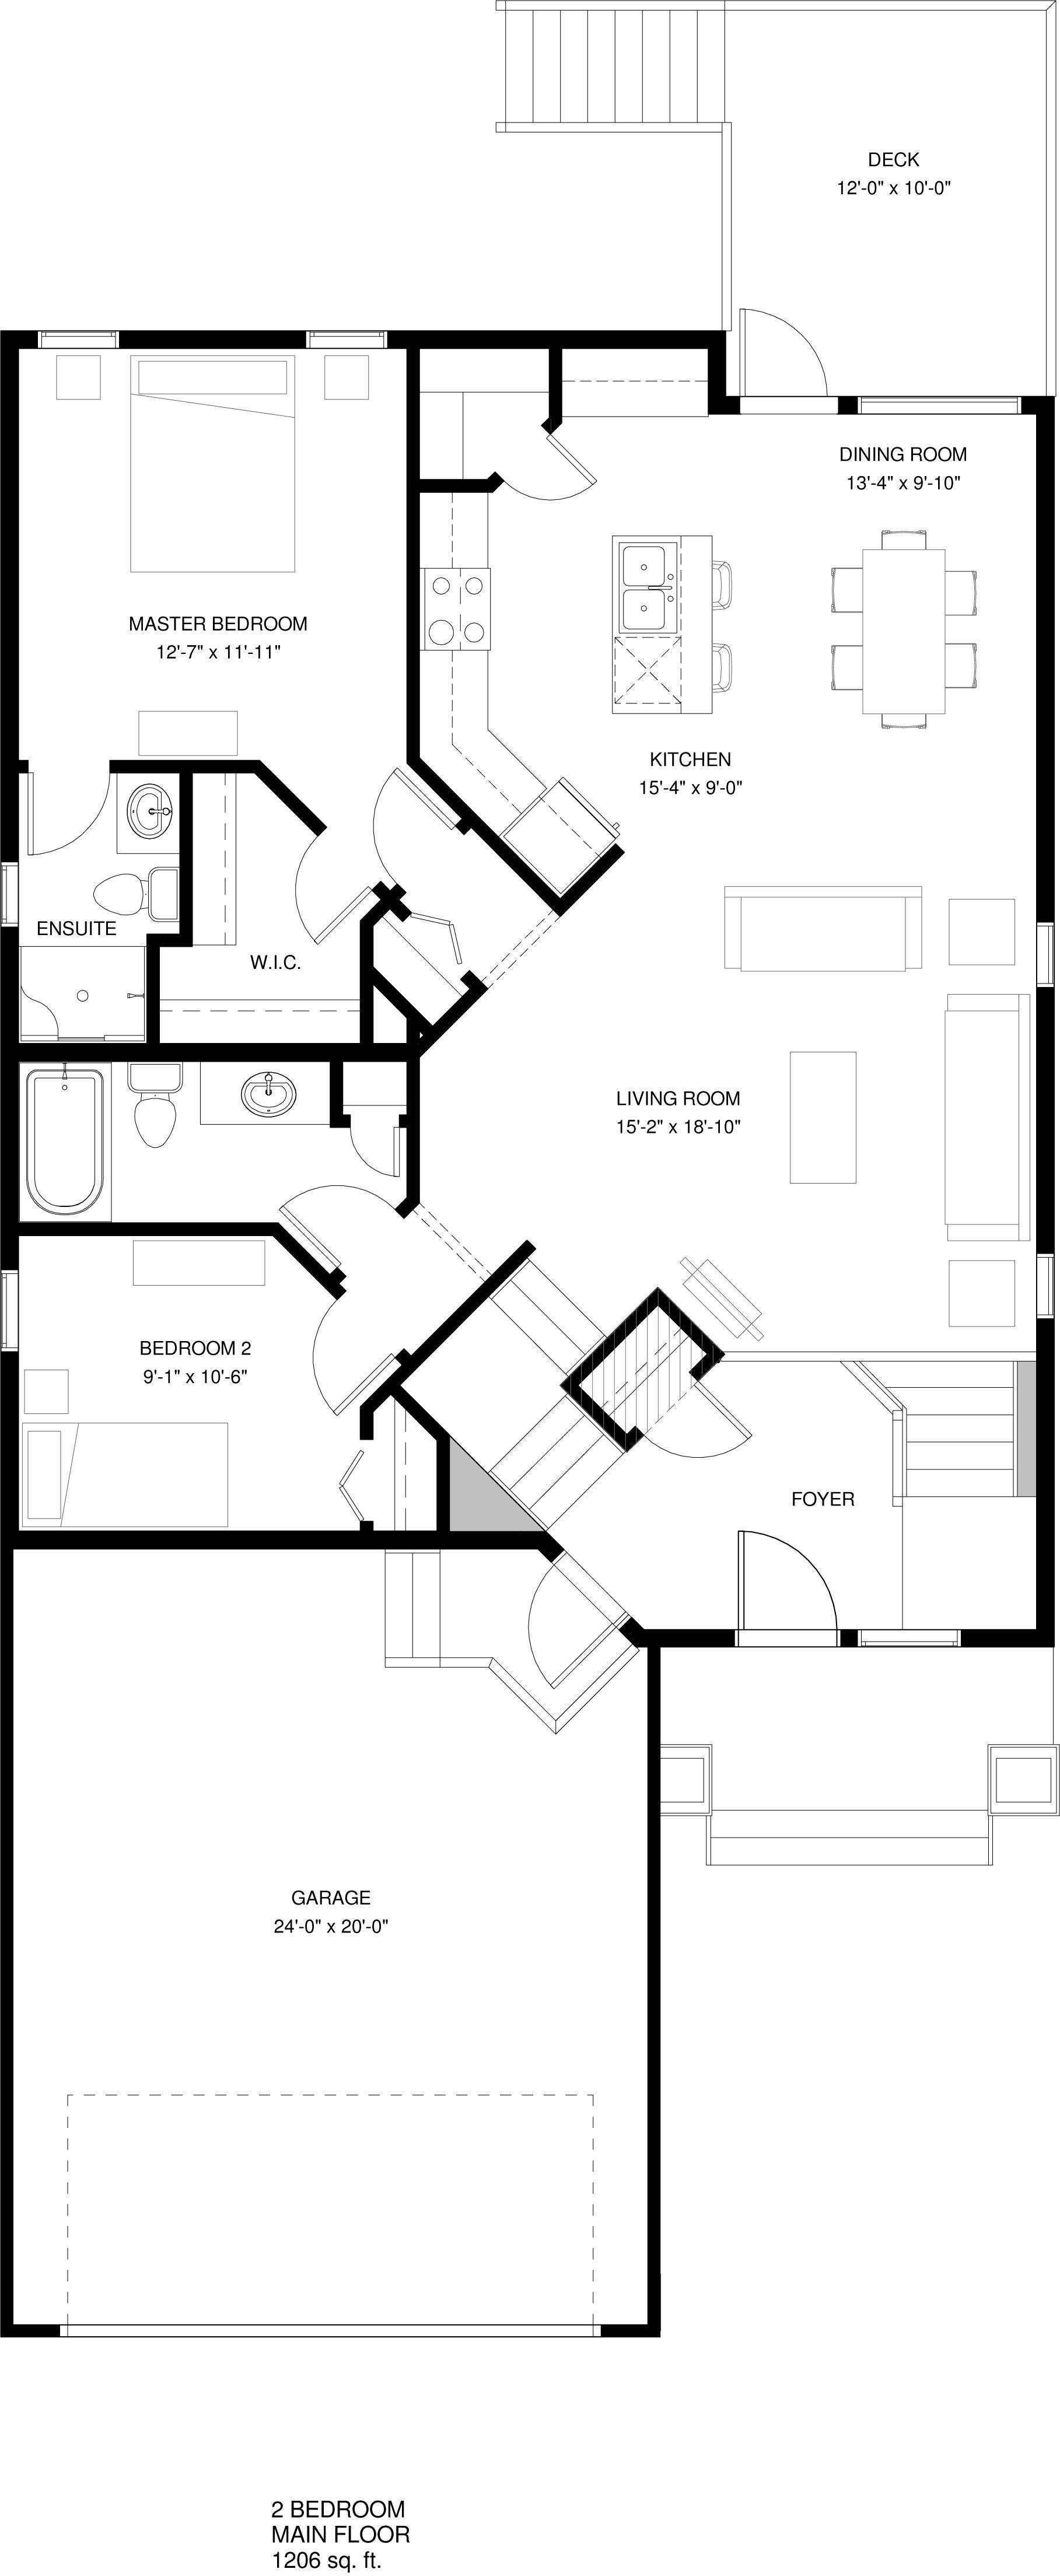 Main Floor  2 Bedroom Option 1206 sq ft